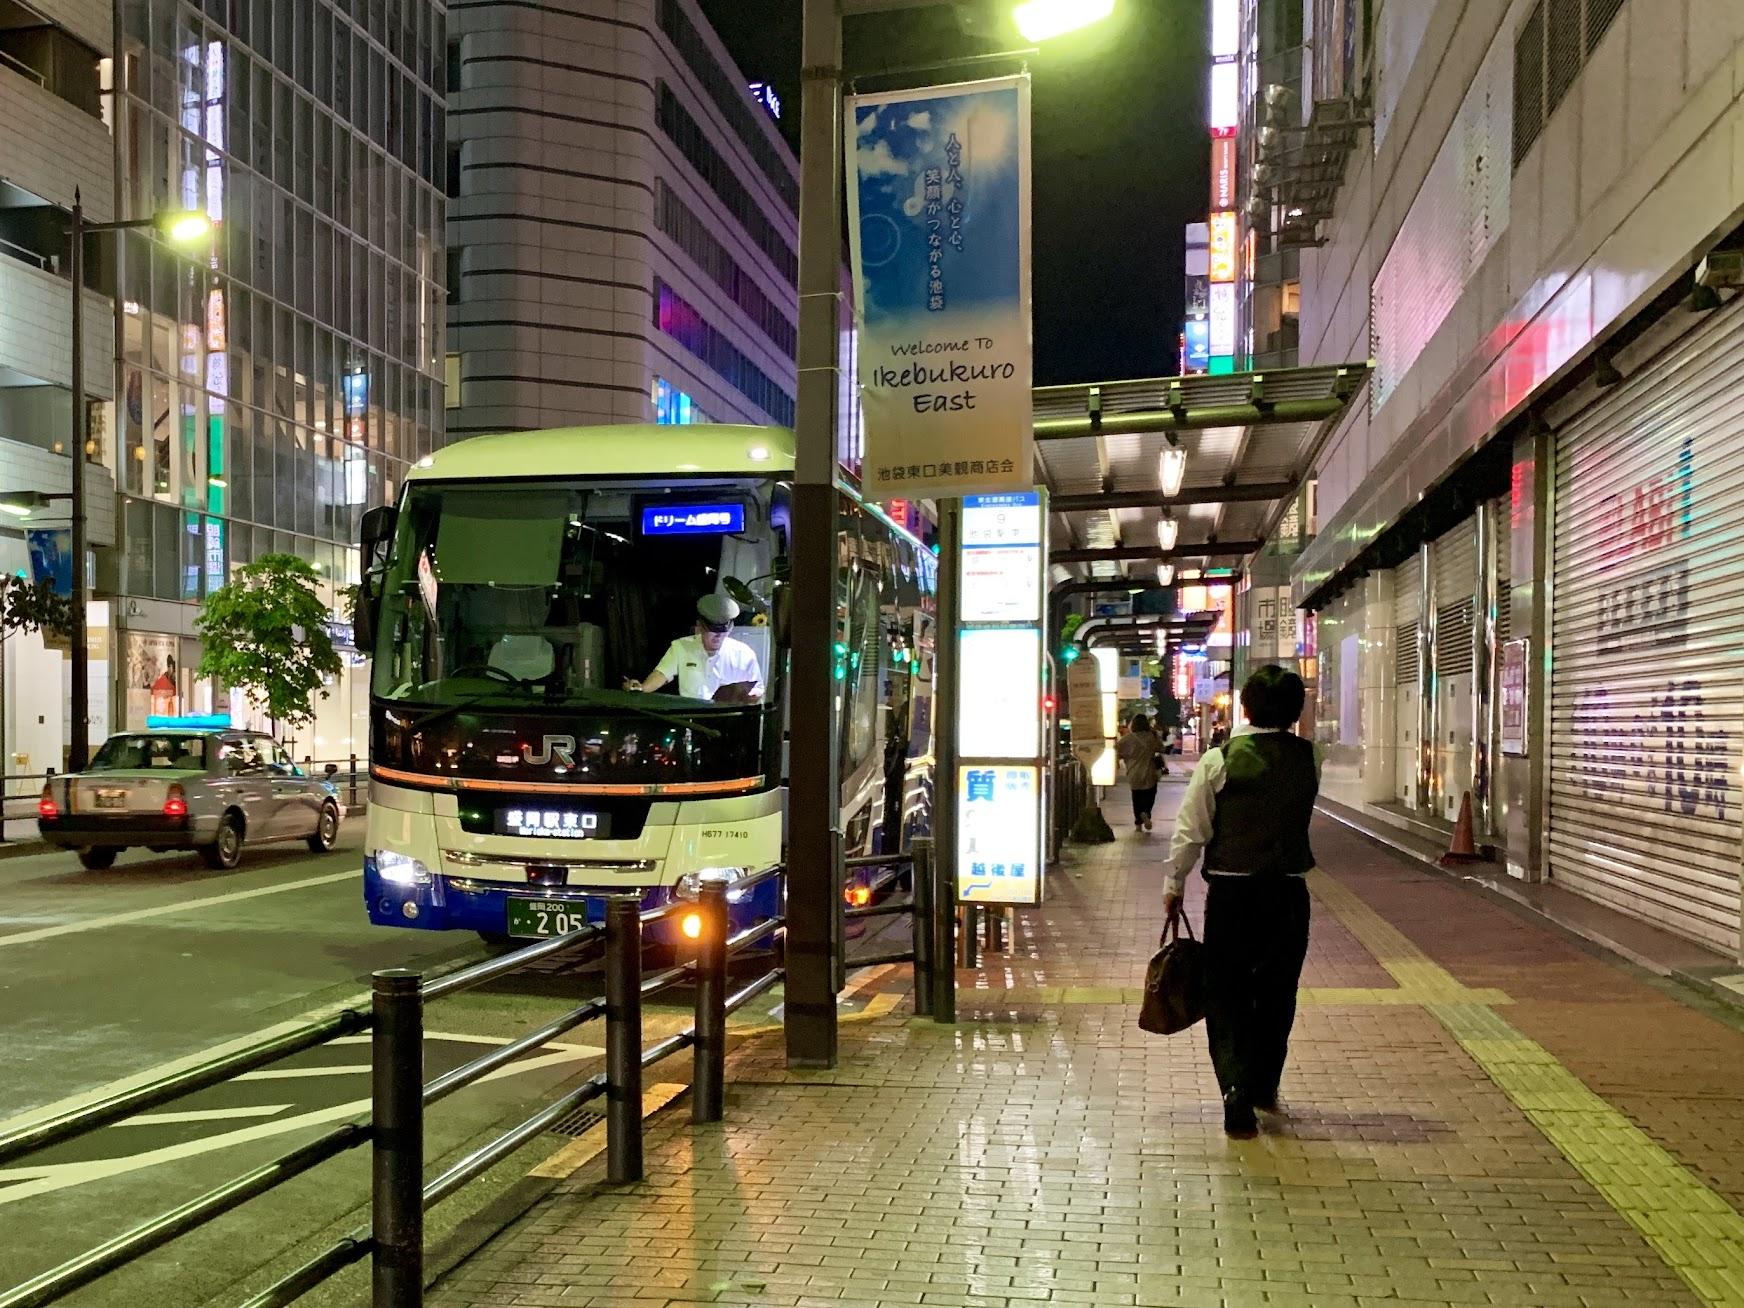 ドリーム盛岡3号に乗ってきました(東京発盛岡行夜行バス)